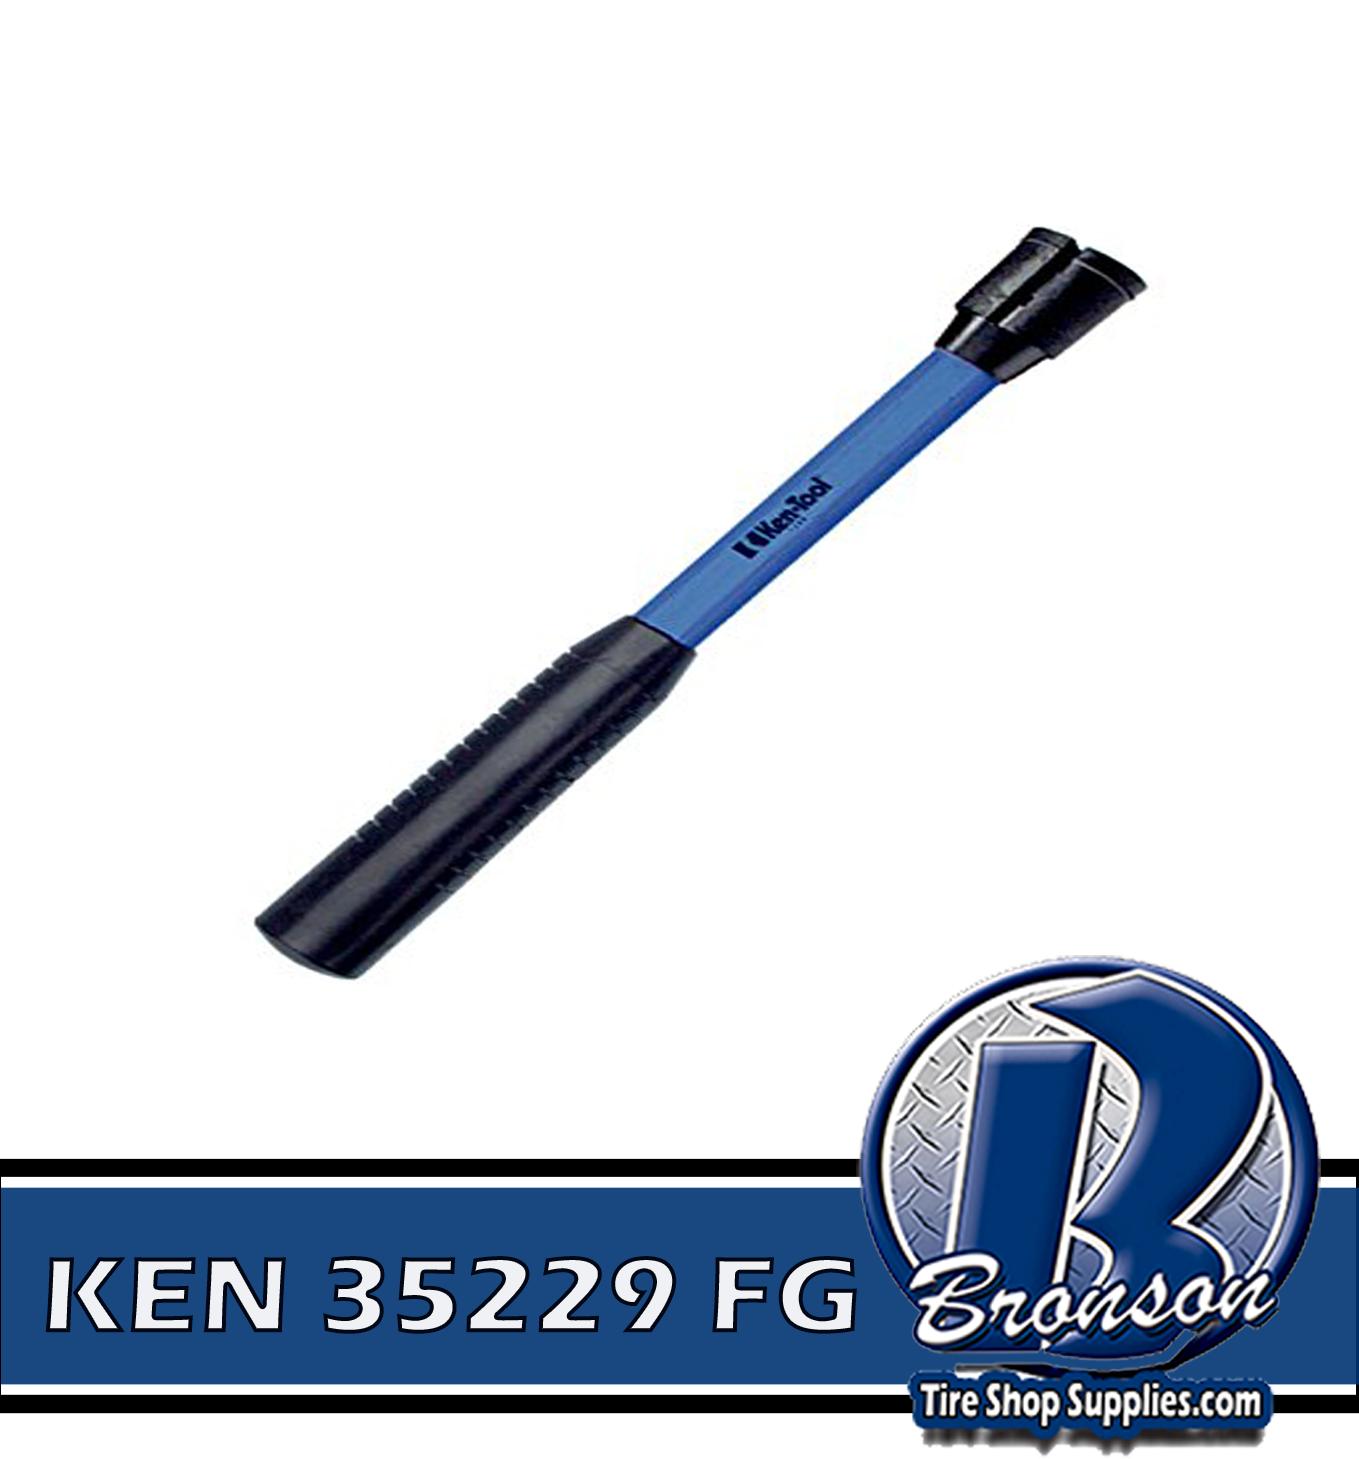 Ken-Tool 35229 Fiberglass Replacement Handle for TG11E Hammer